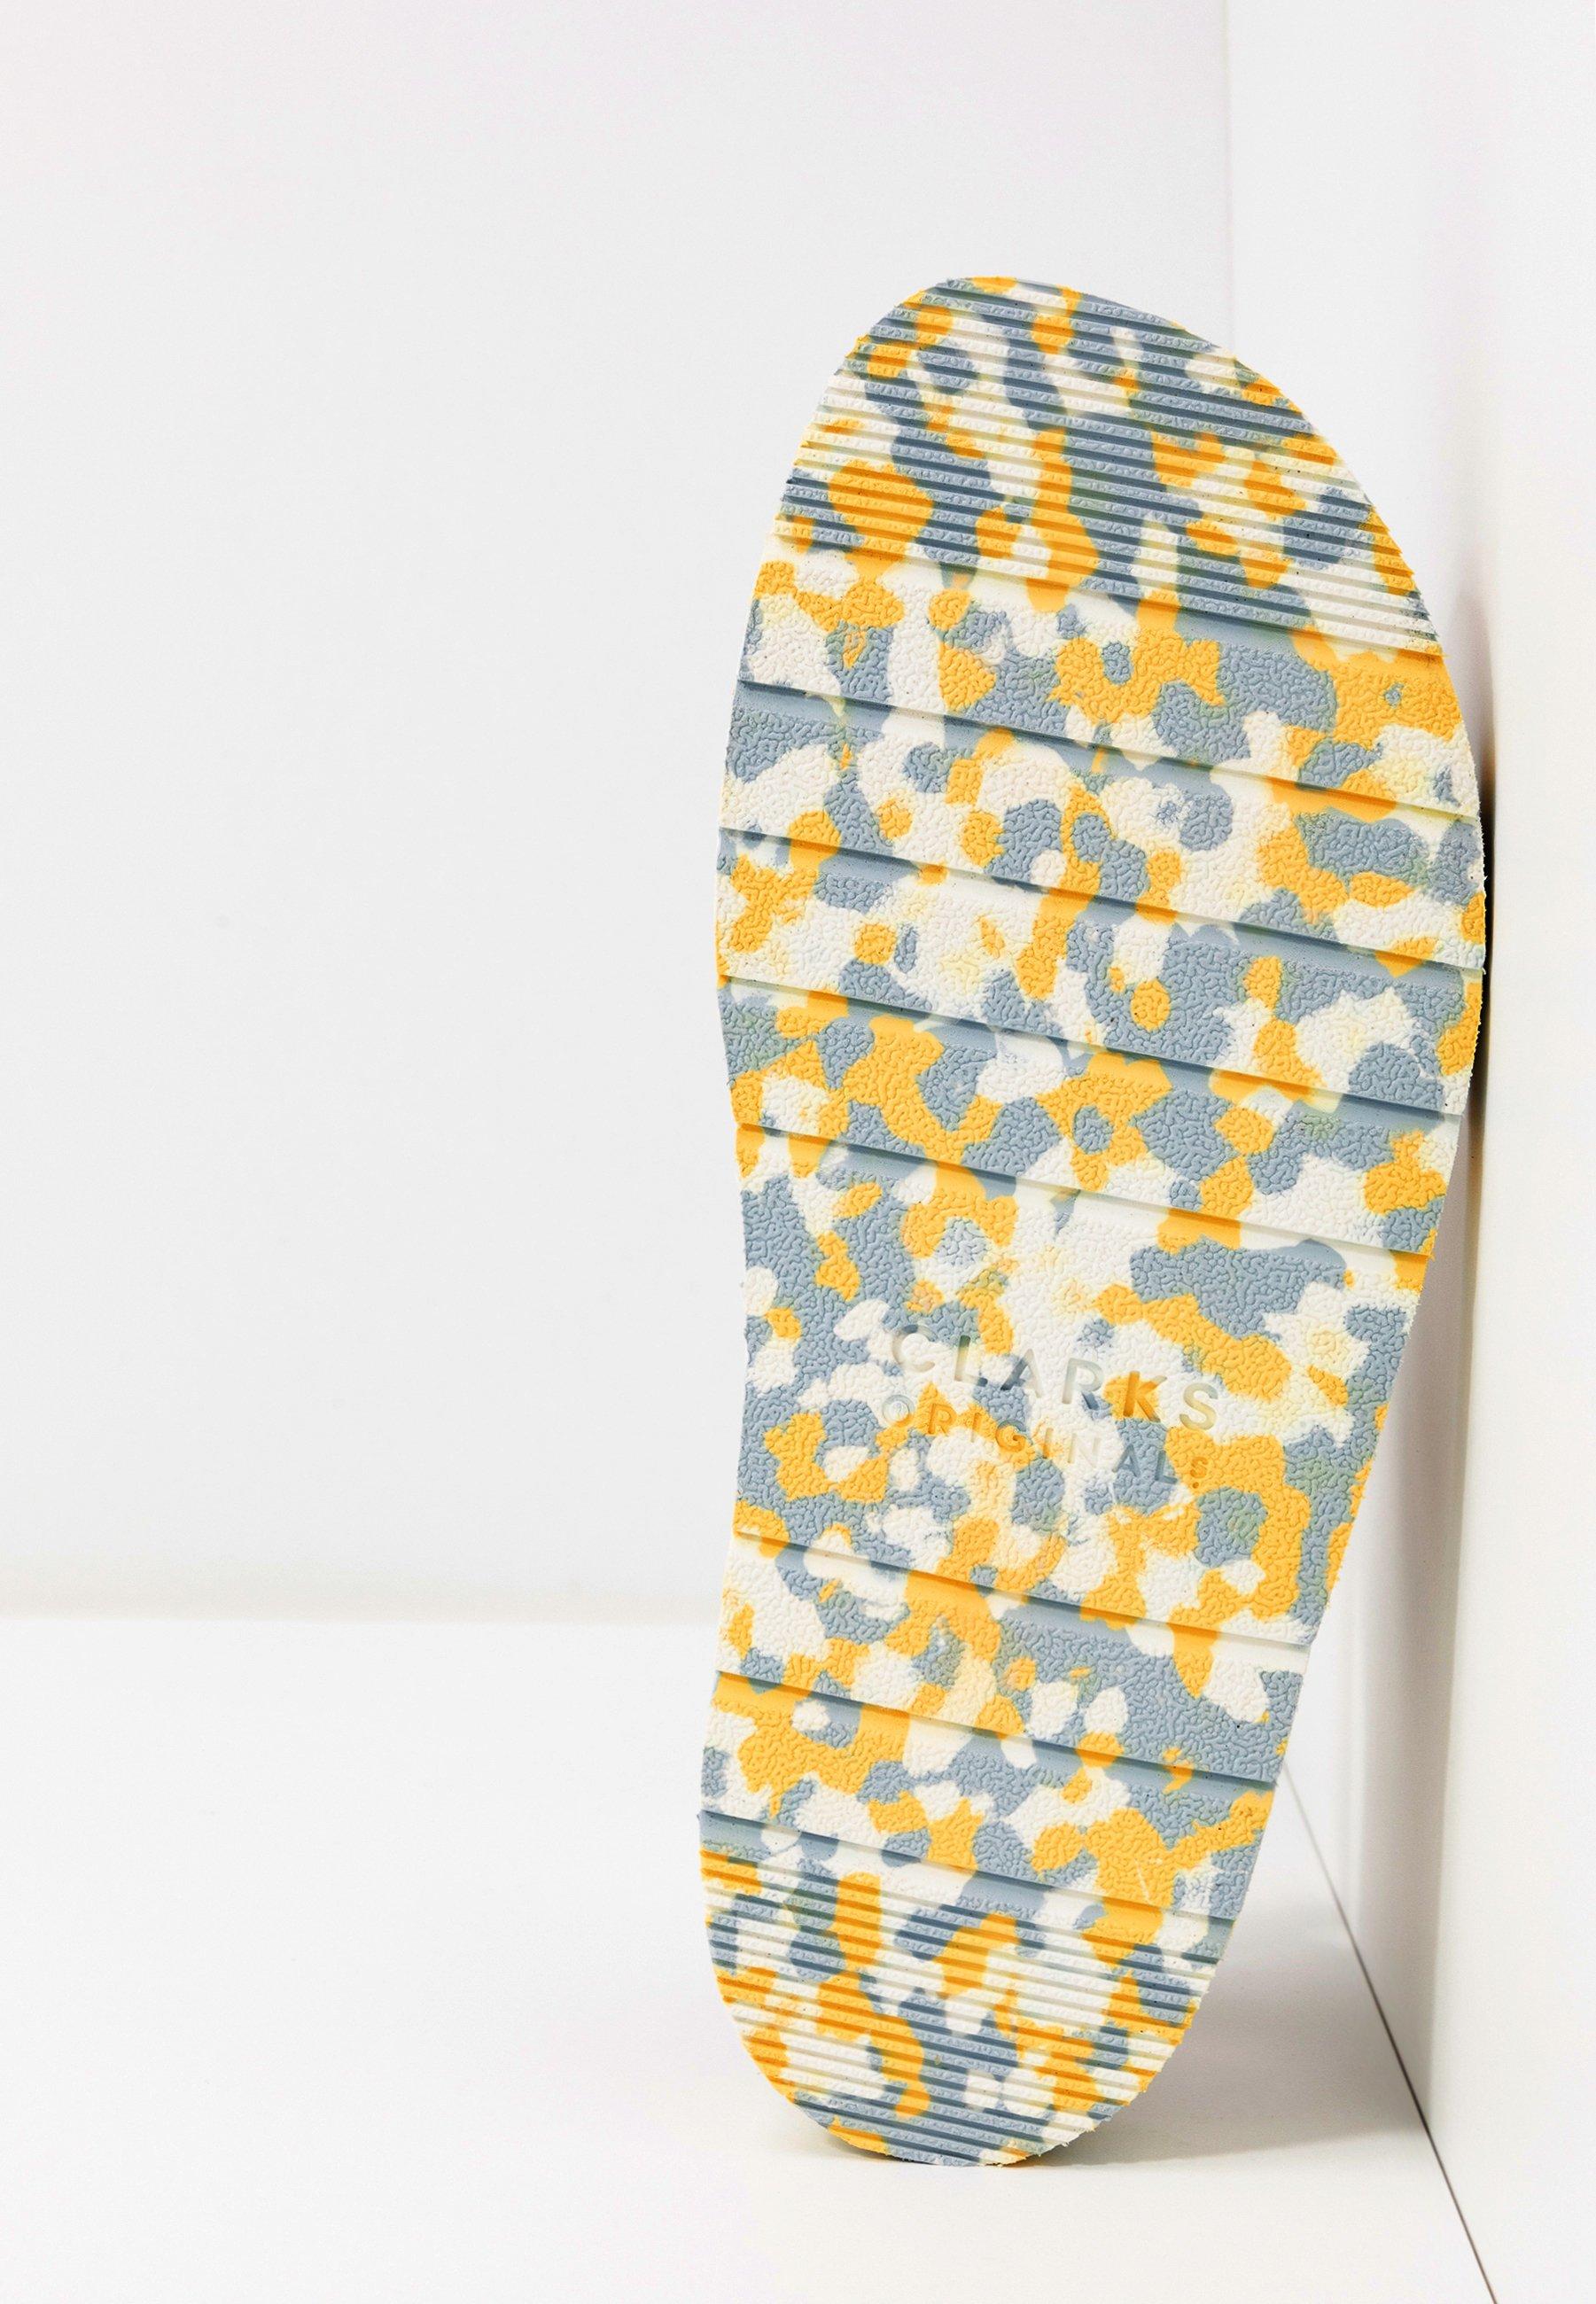 Clarks Originals Lunan Strap - Sandaler Light Blue